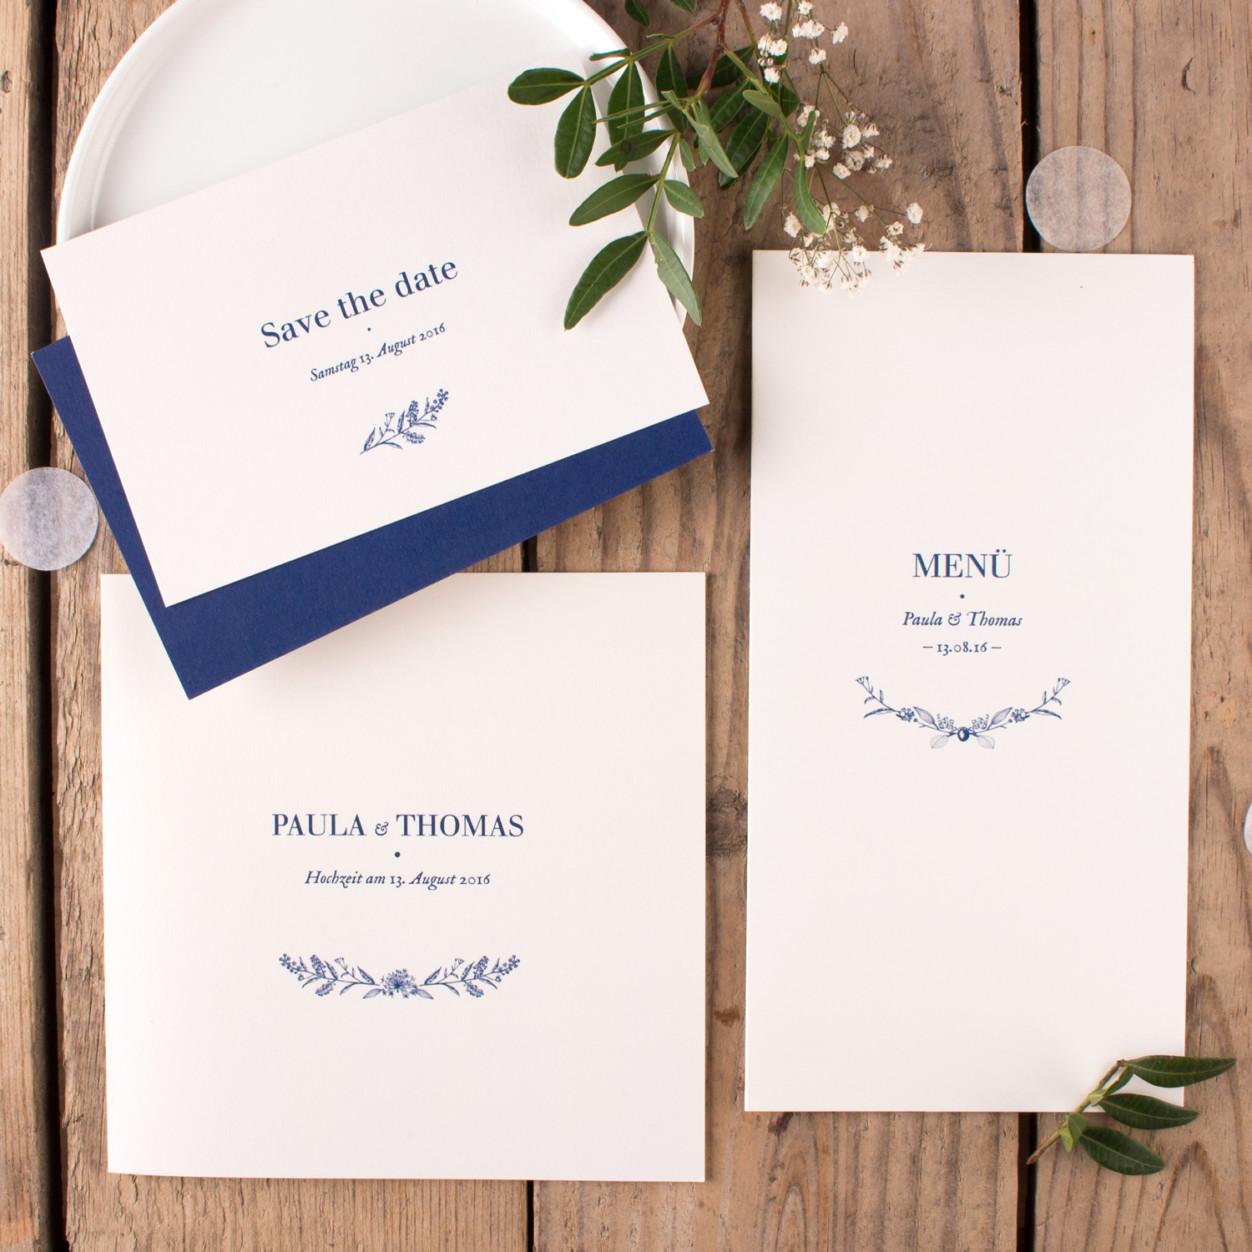 Einladungskarten Hochzeit Hochzeitseinladungen Einladung Hochzeit